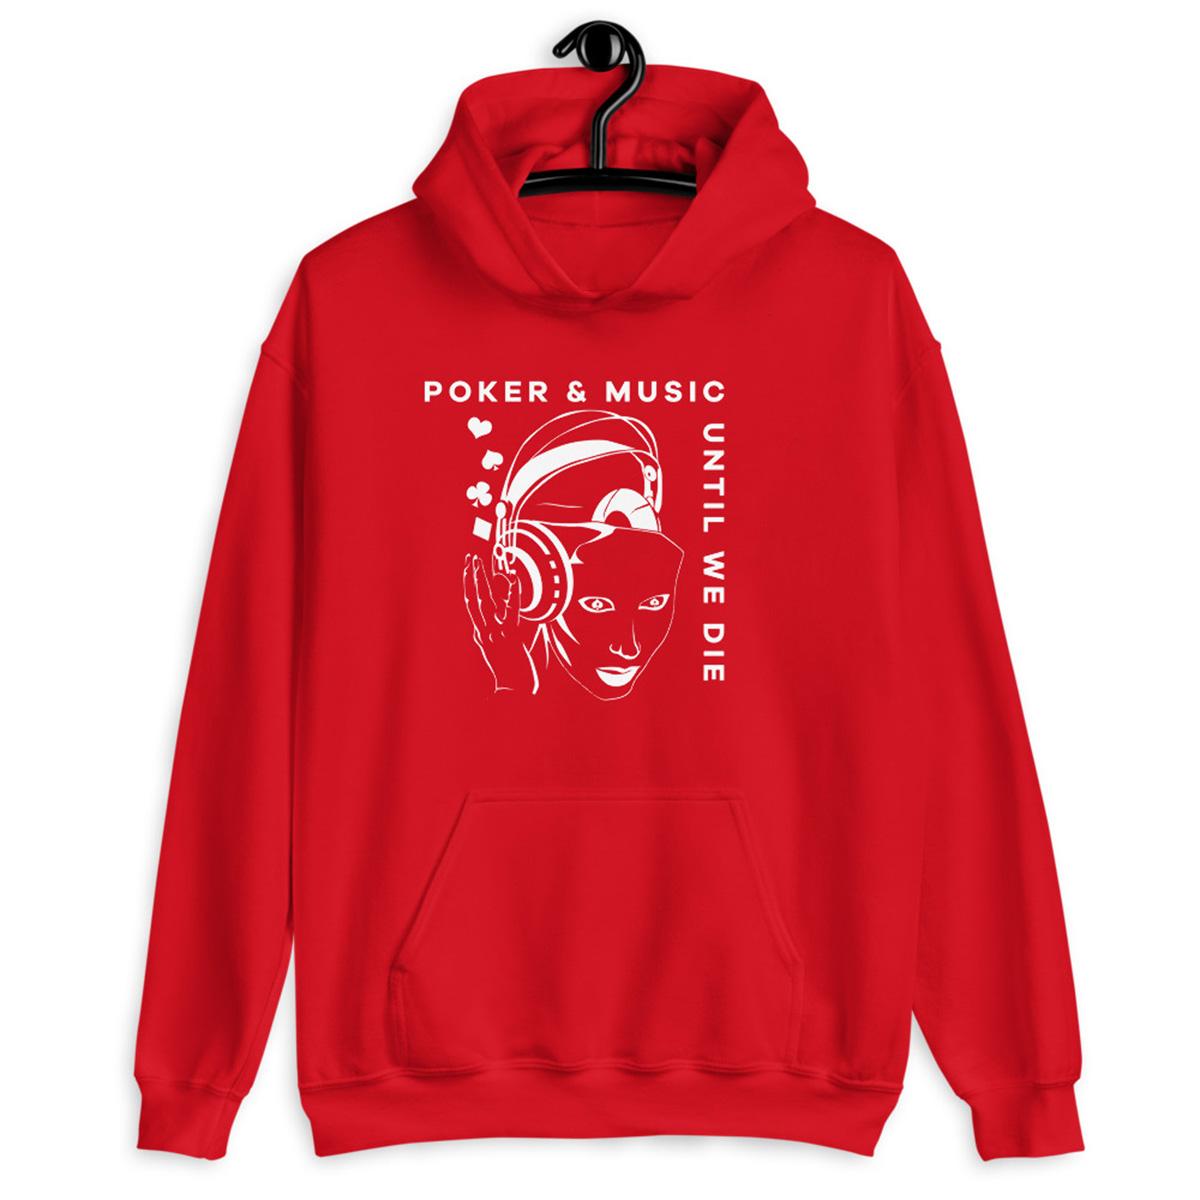 Poker & Music Until We Die Hoodie-Red